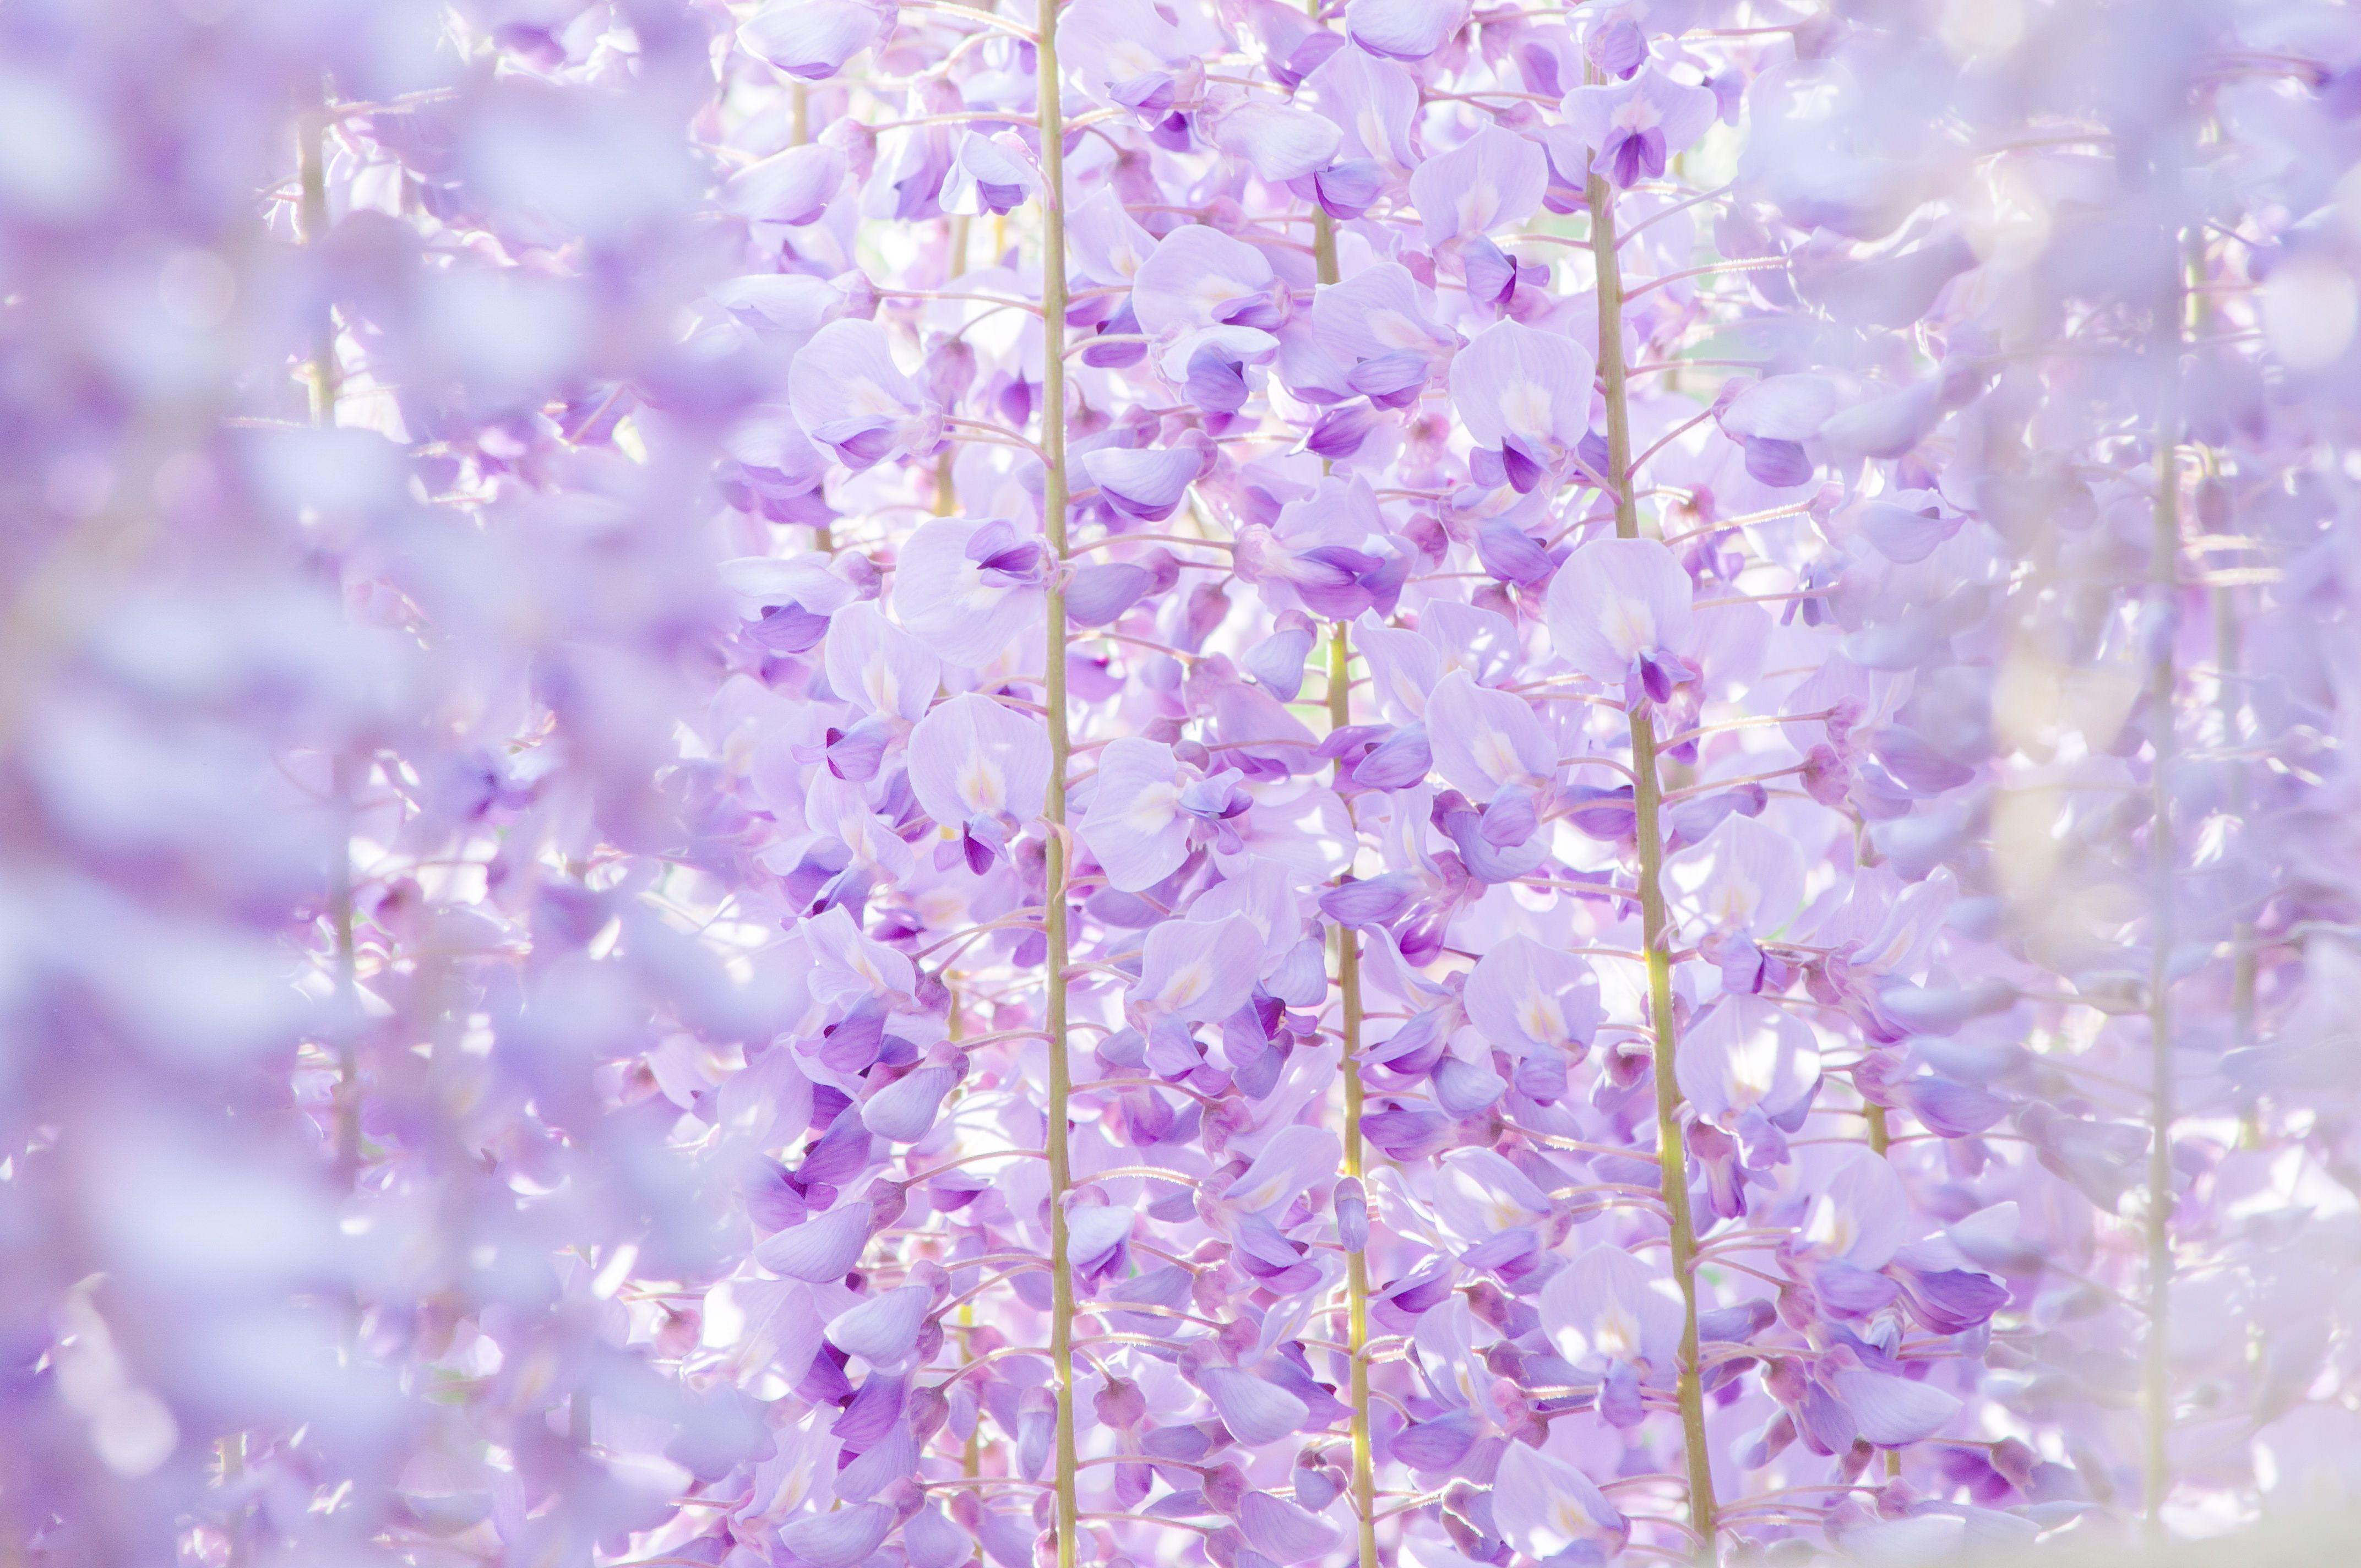 藤の花のテクスチャ 無料の写真素材はフリー素材のぱくたそ